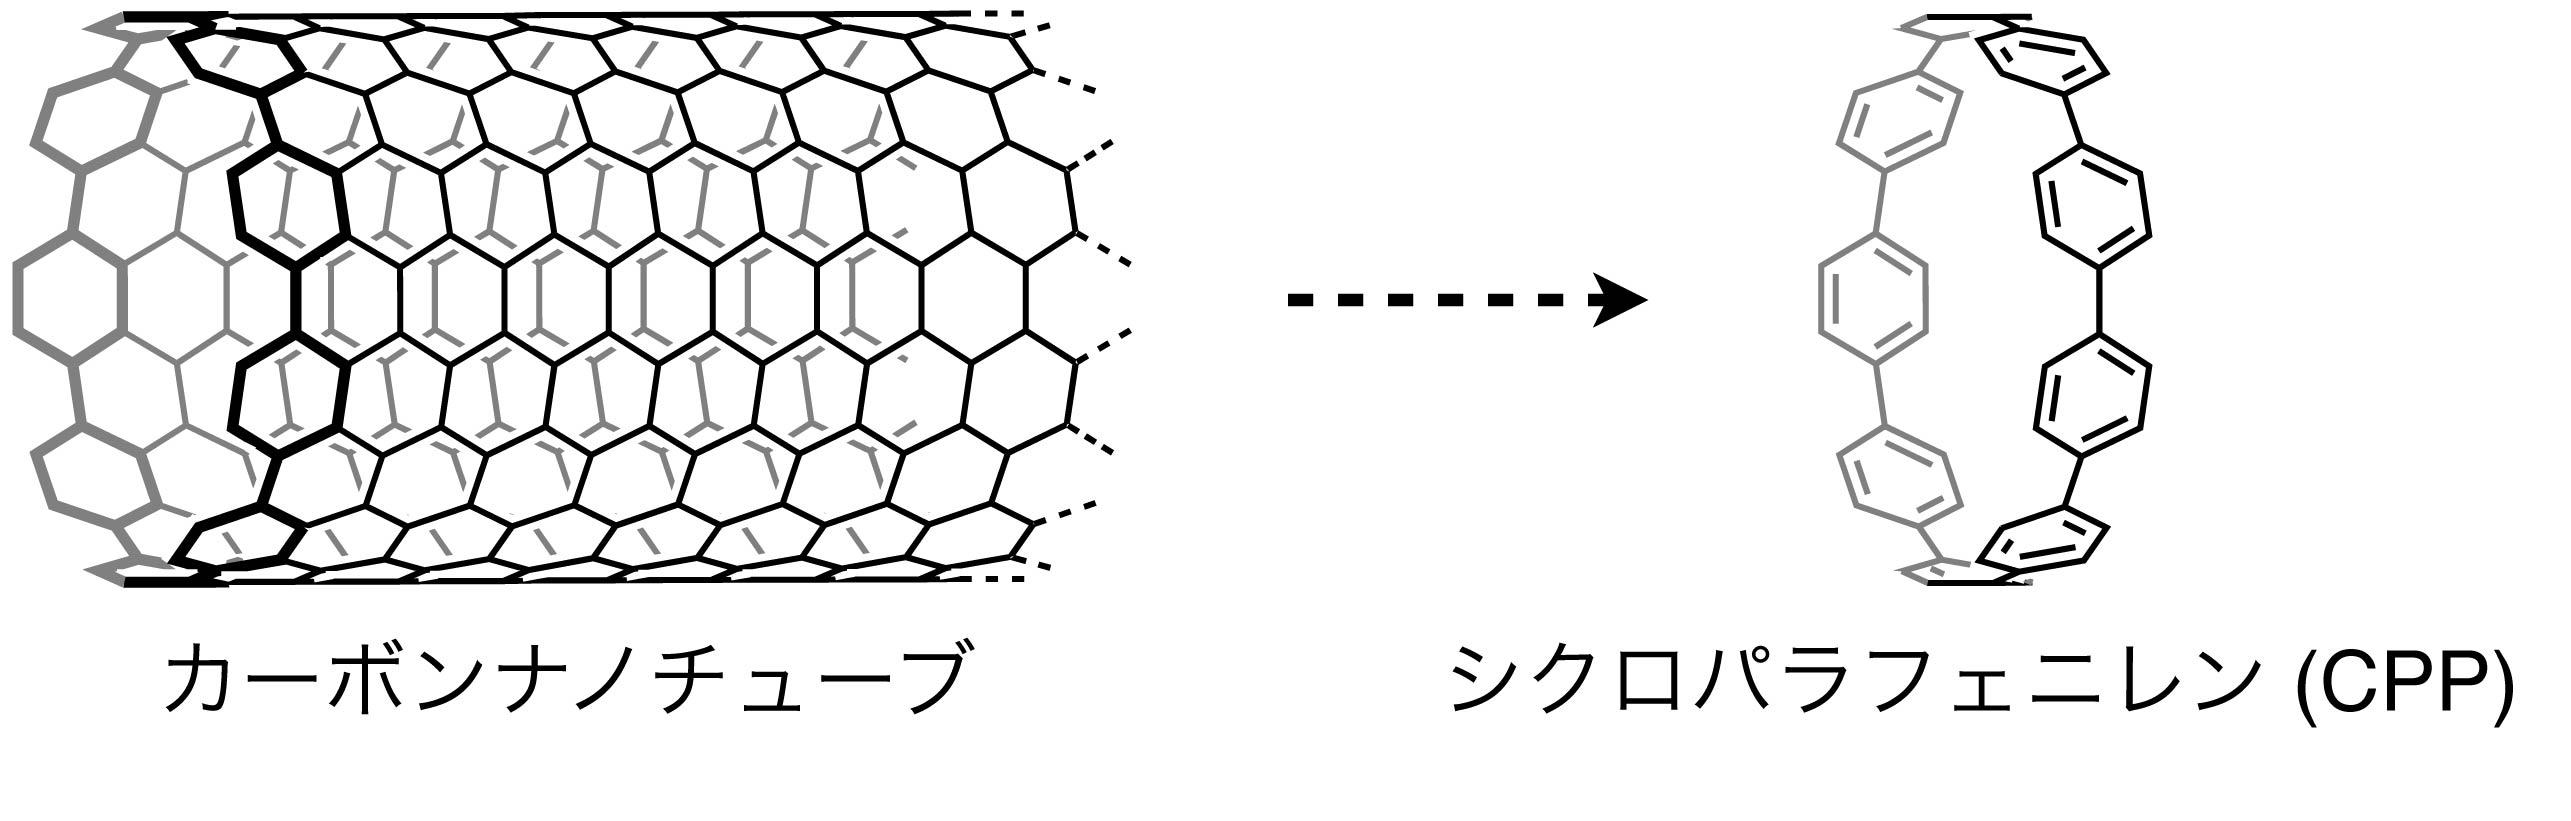 Carbon_nanotube.jpg